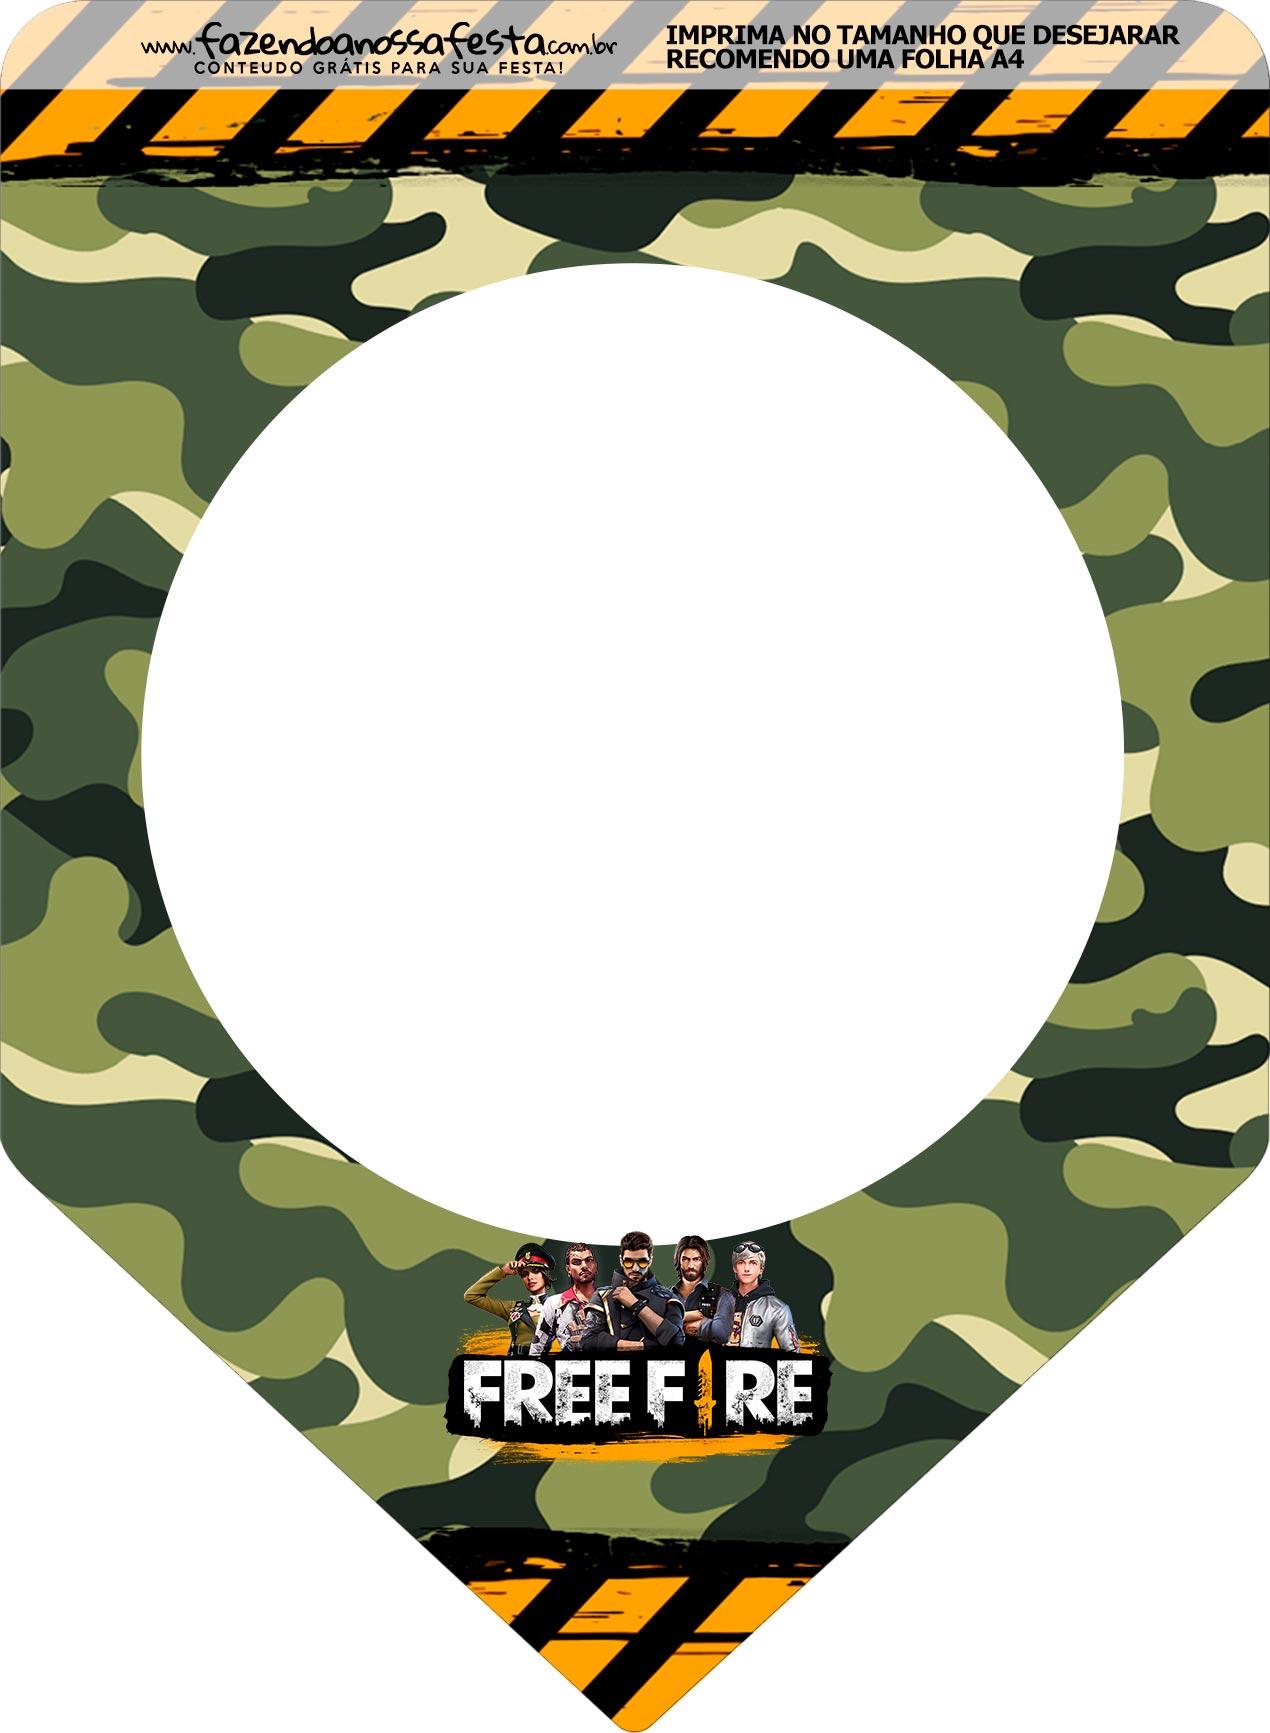 Bandeirinha Varalzinho Free Fire